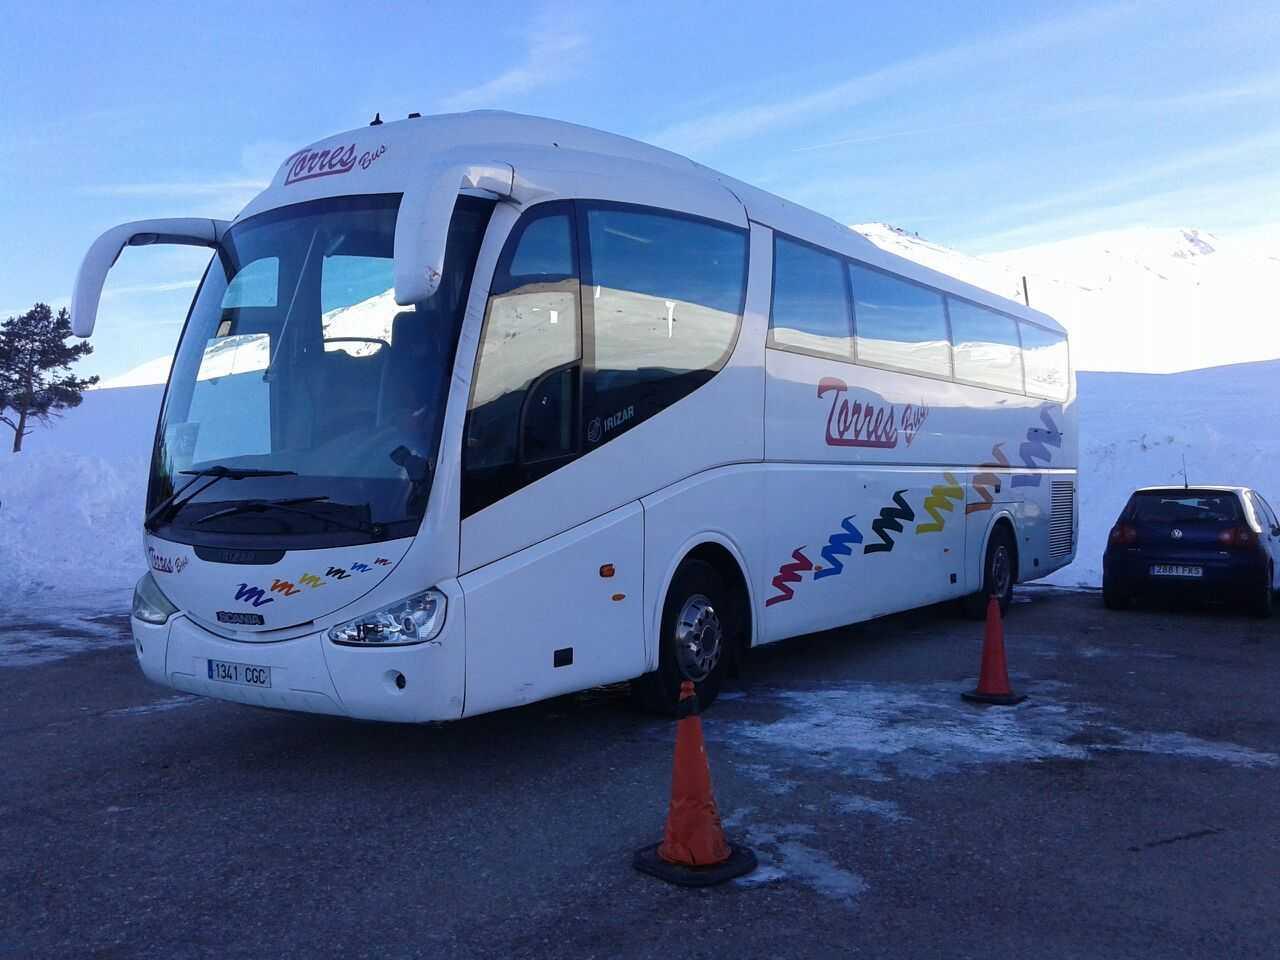 Cuanto cuesta alquilar un autocar en madrid autobuses - Cuanto cuesta acristalar un porche ...